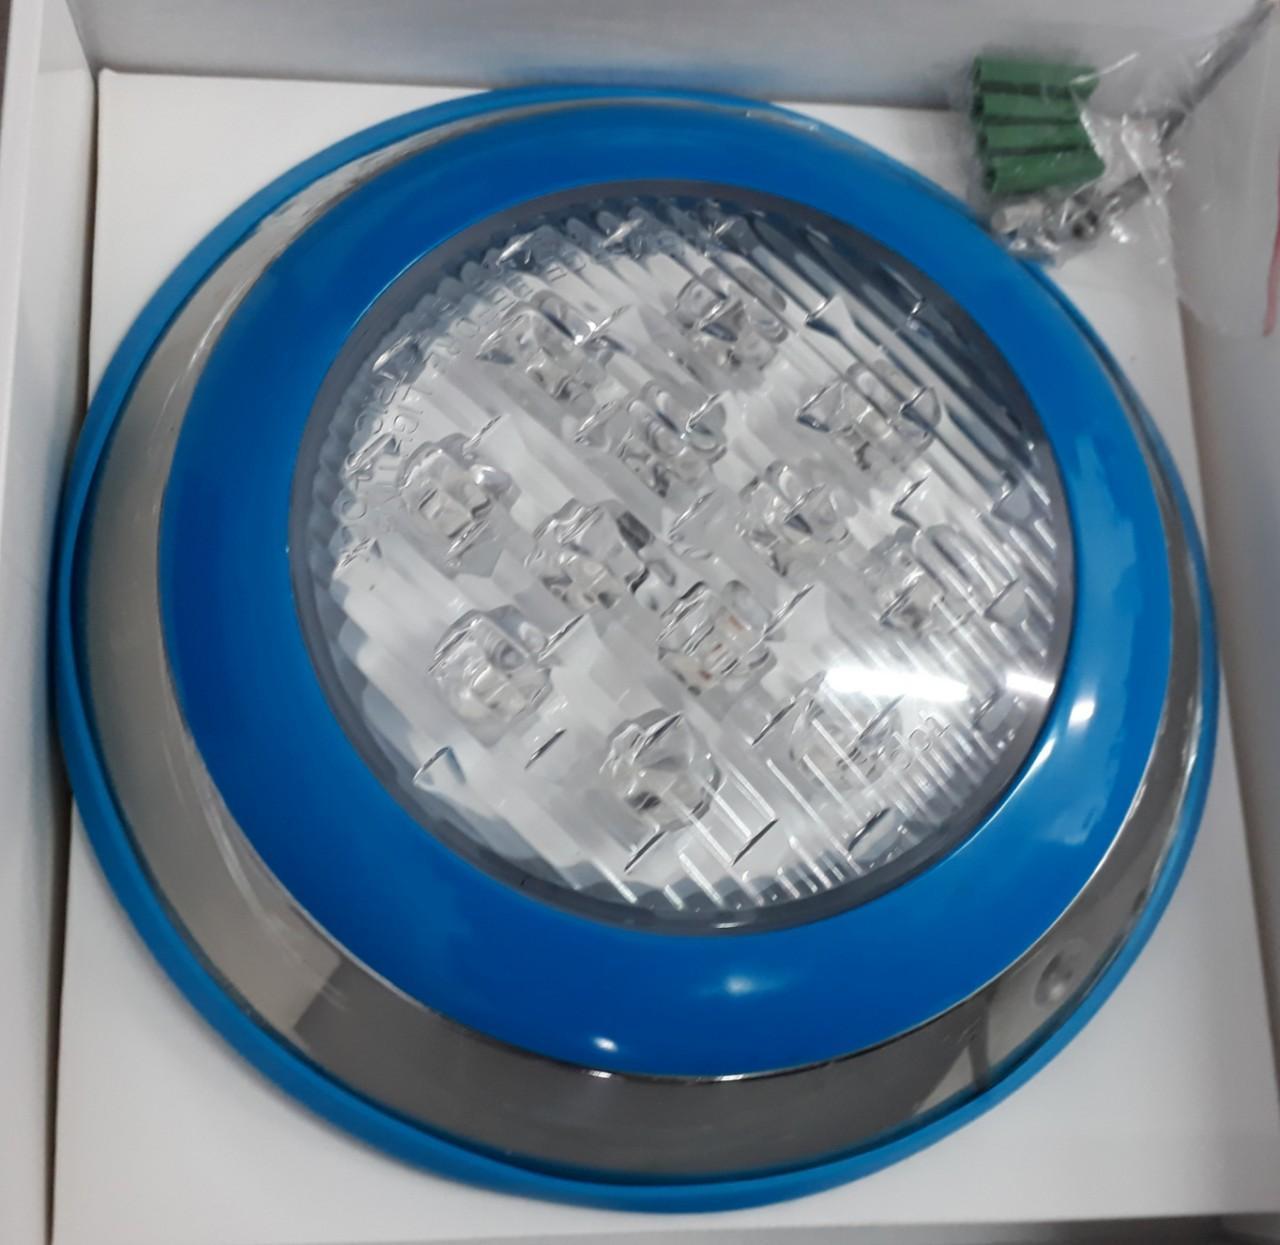 Đèn led dùng cho HỒ BƠI hoặc SÂn VƯỜN hoặc HỒ CÁ 7 màu tự động 12W-12V vỏ ngoài INOX